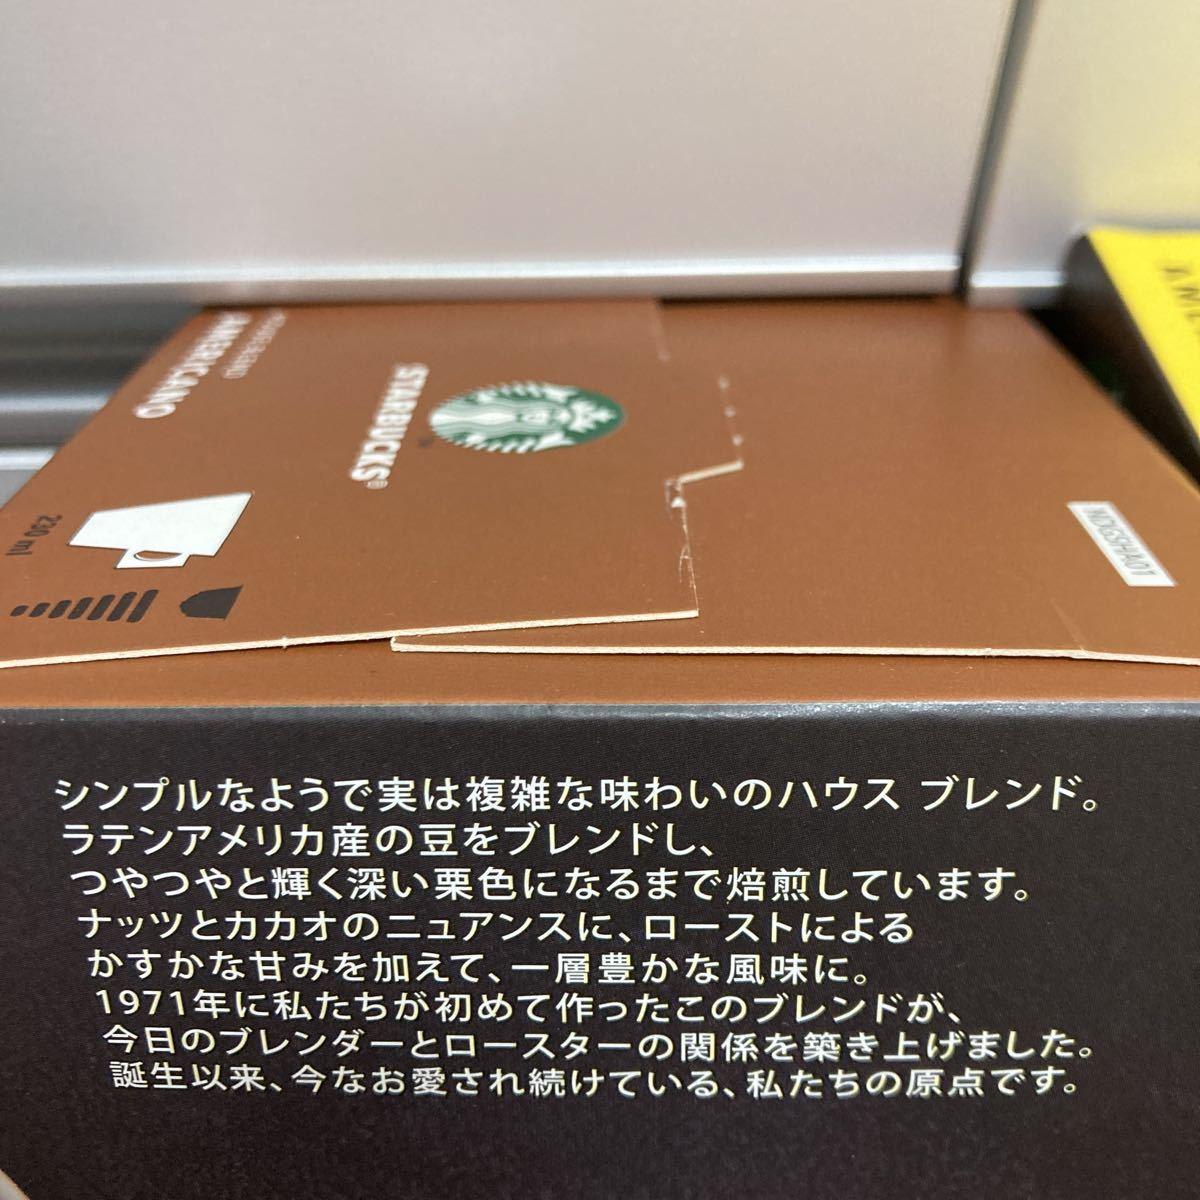 即決 ネスカフェ ドルチェグスト専用カプセルSTARBUCKS スターバックス 2種類(12杯) × 2箱 スタバ コーヒー クーポン利用 送料無料